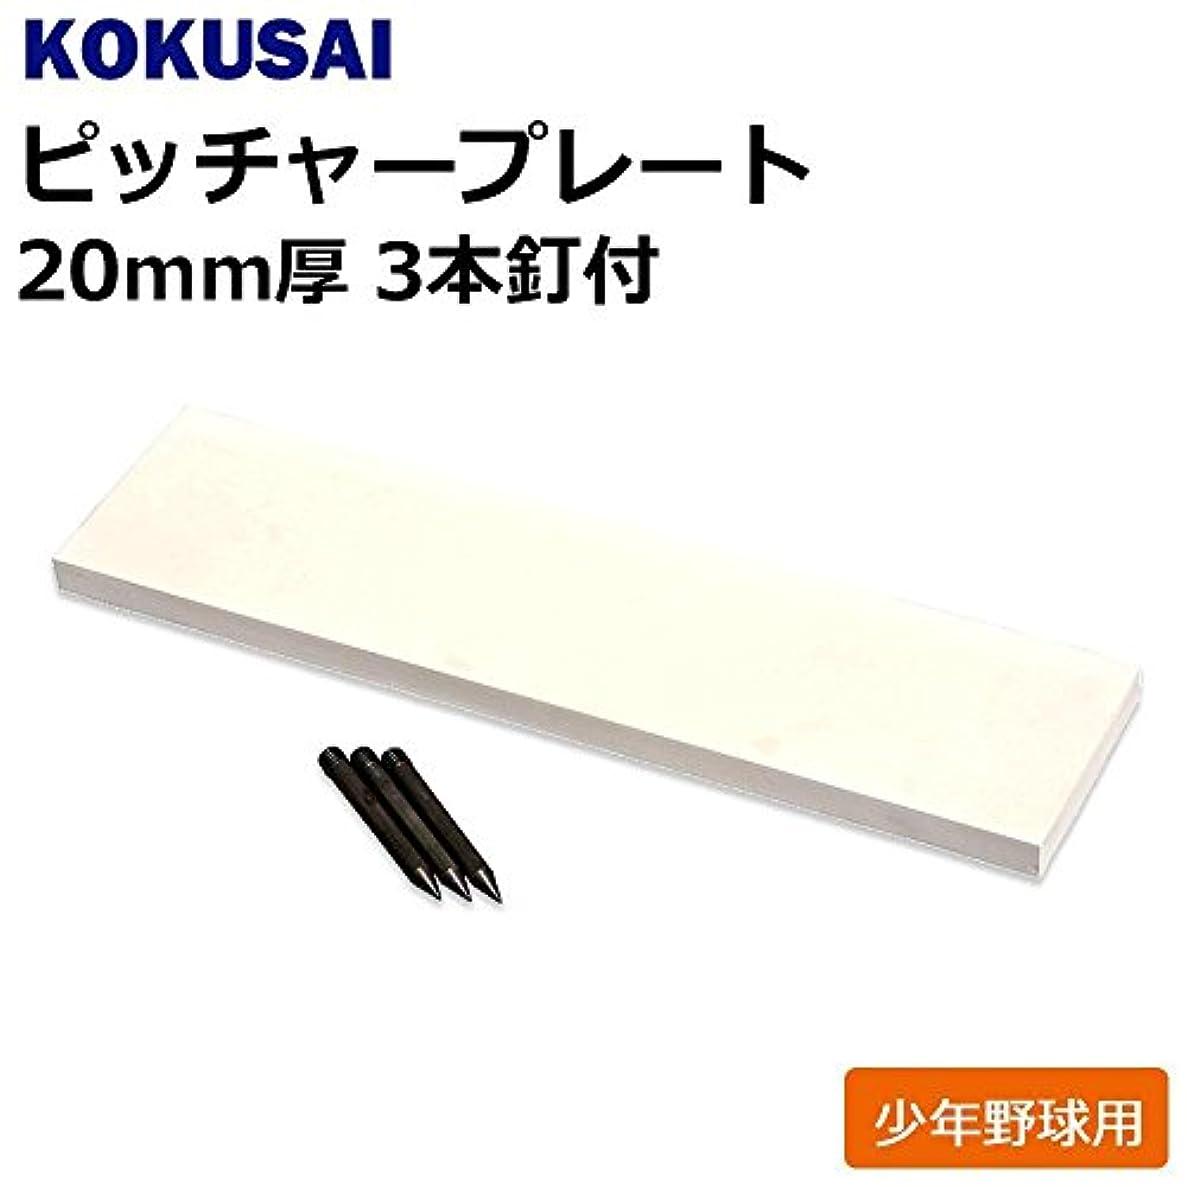 公平申し立てるロバコクサイ KOKUSAI ピッチャープレート 少年野球用 20mm厚 3本釘付 1枚 RB530